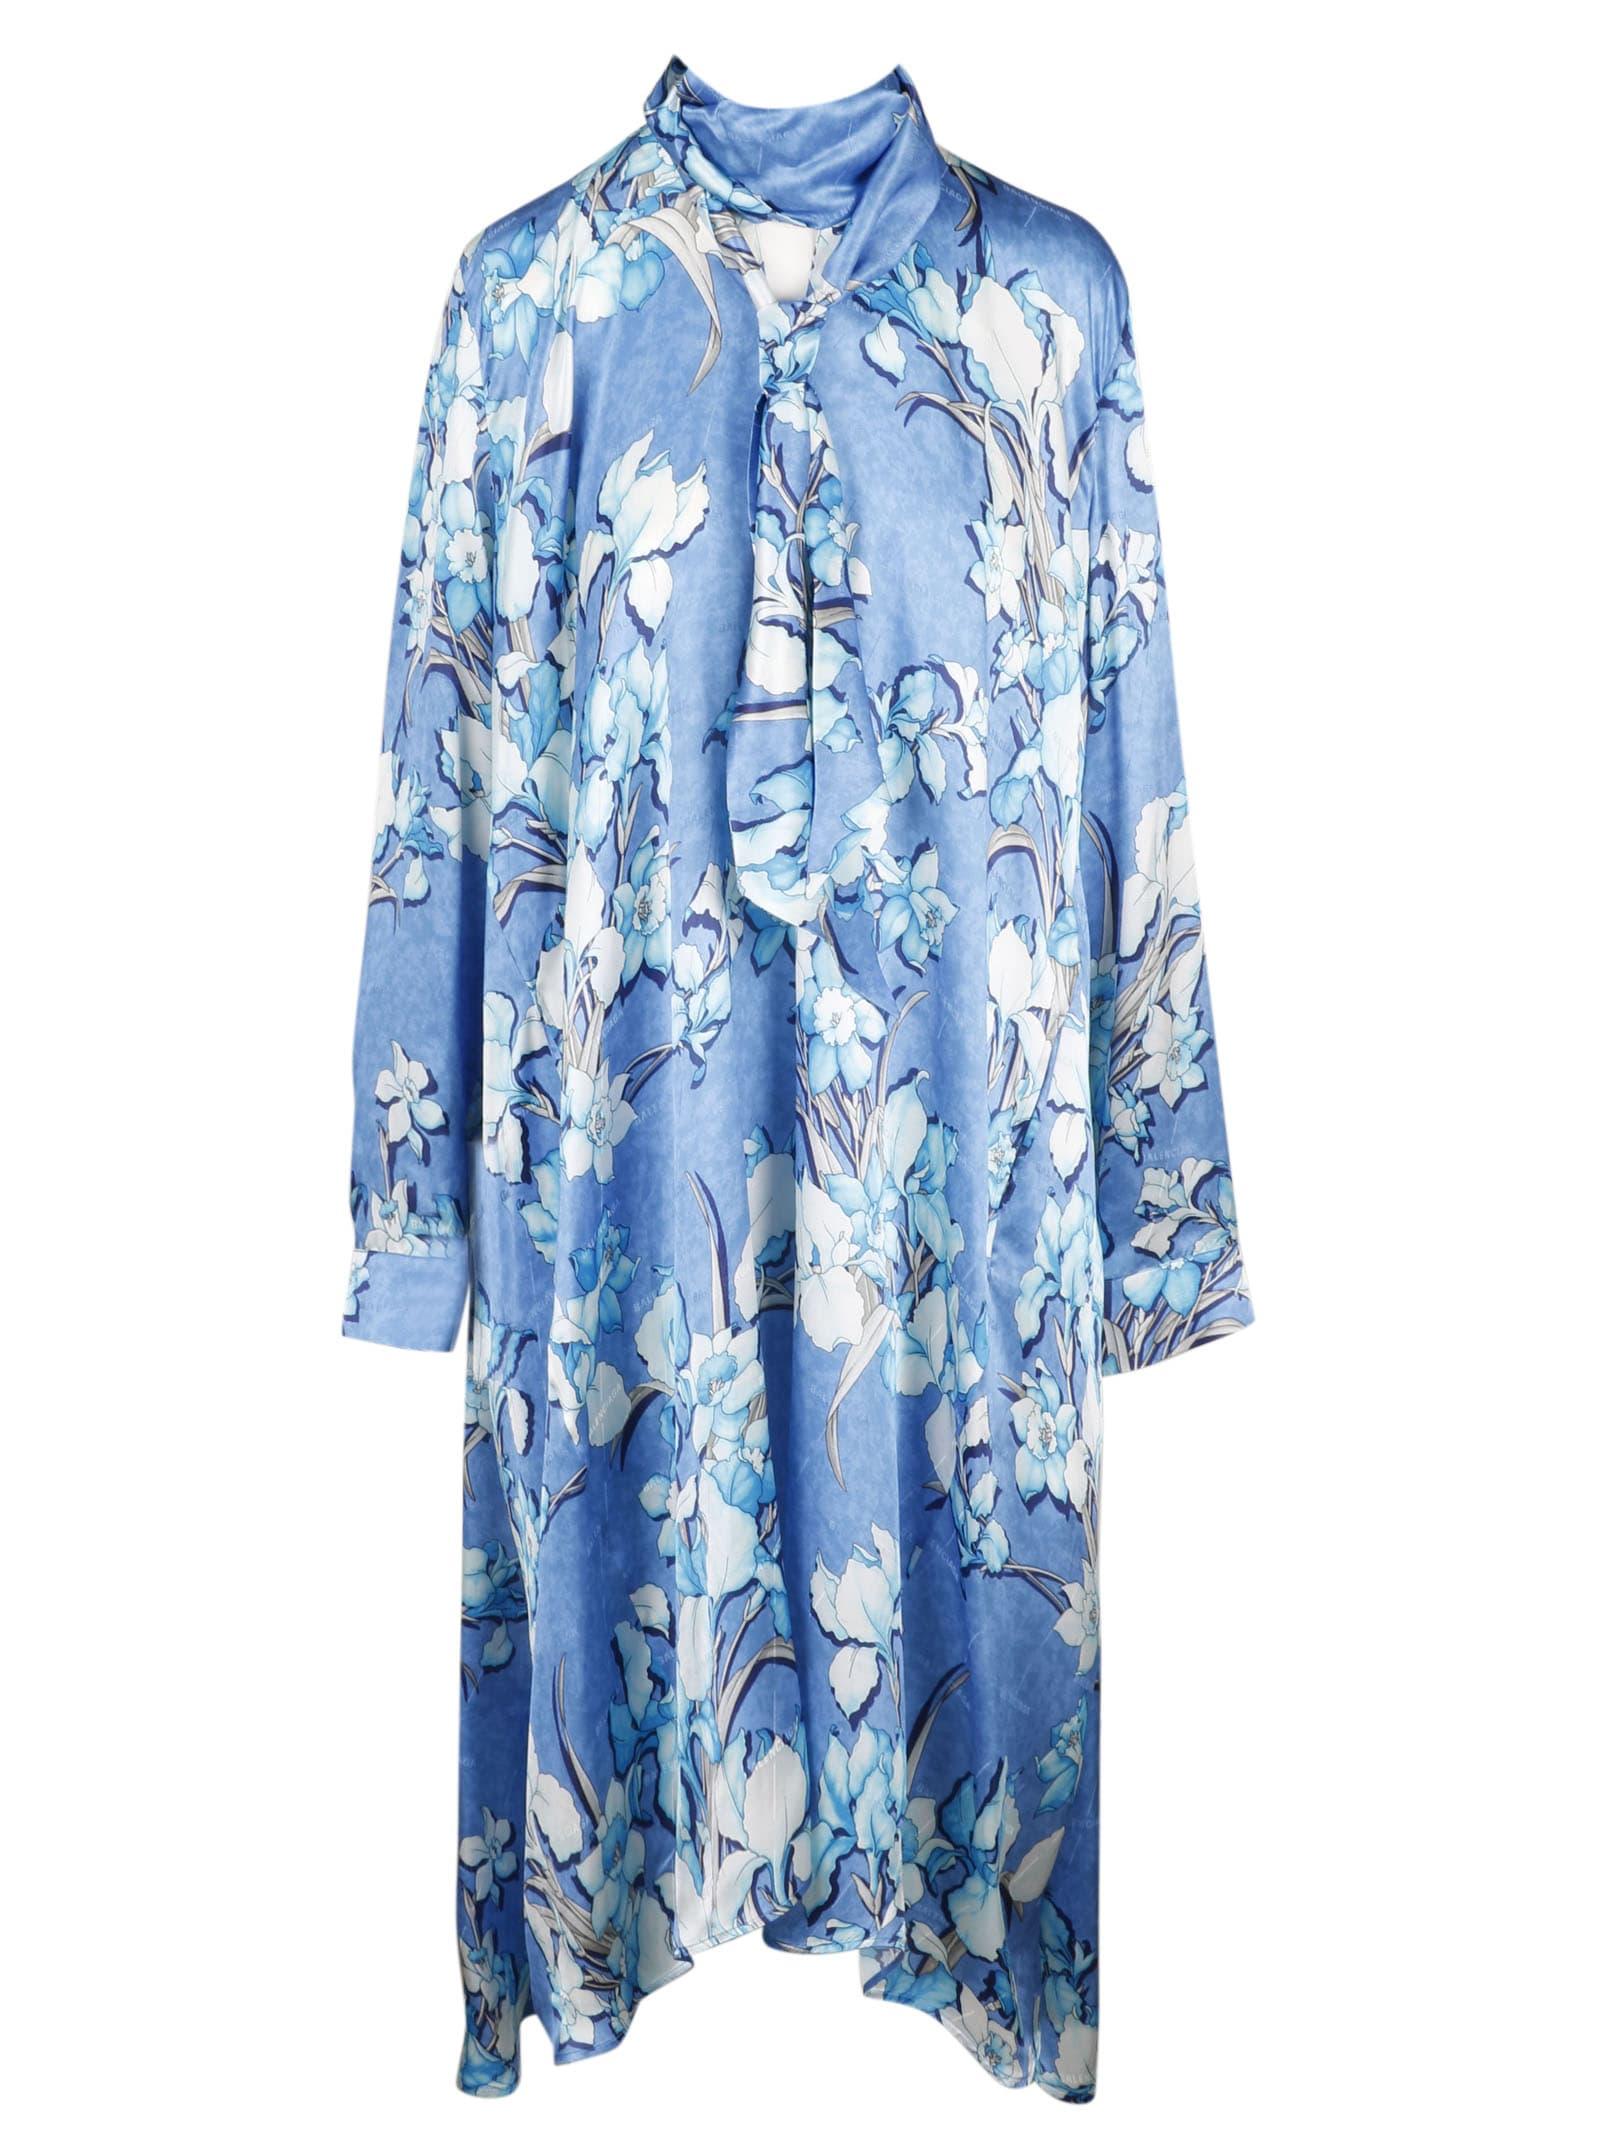 Balenciaga Vareuse Dress